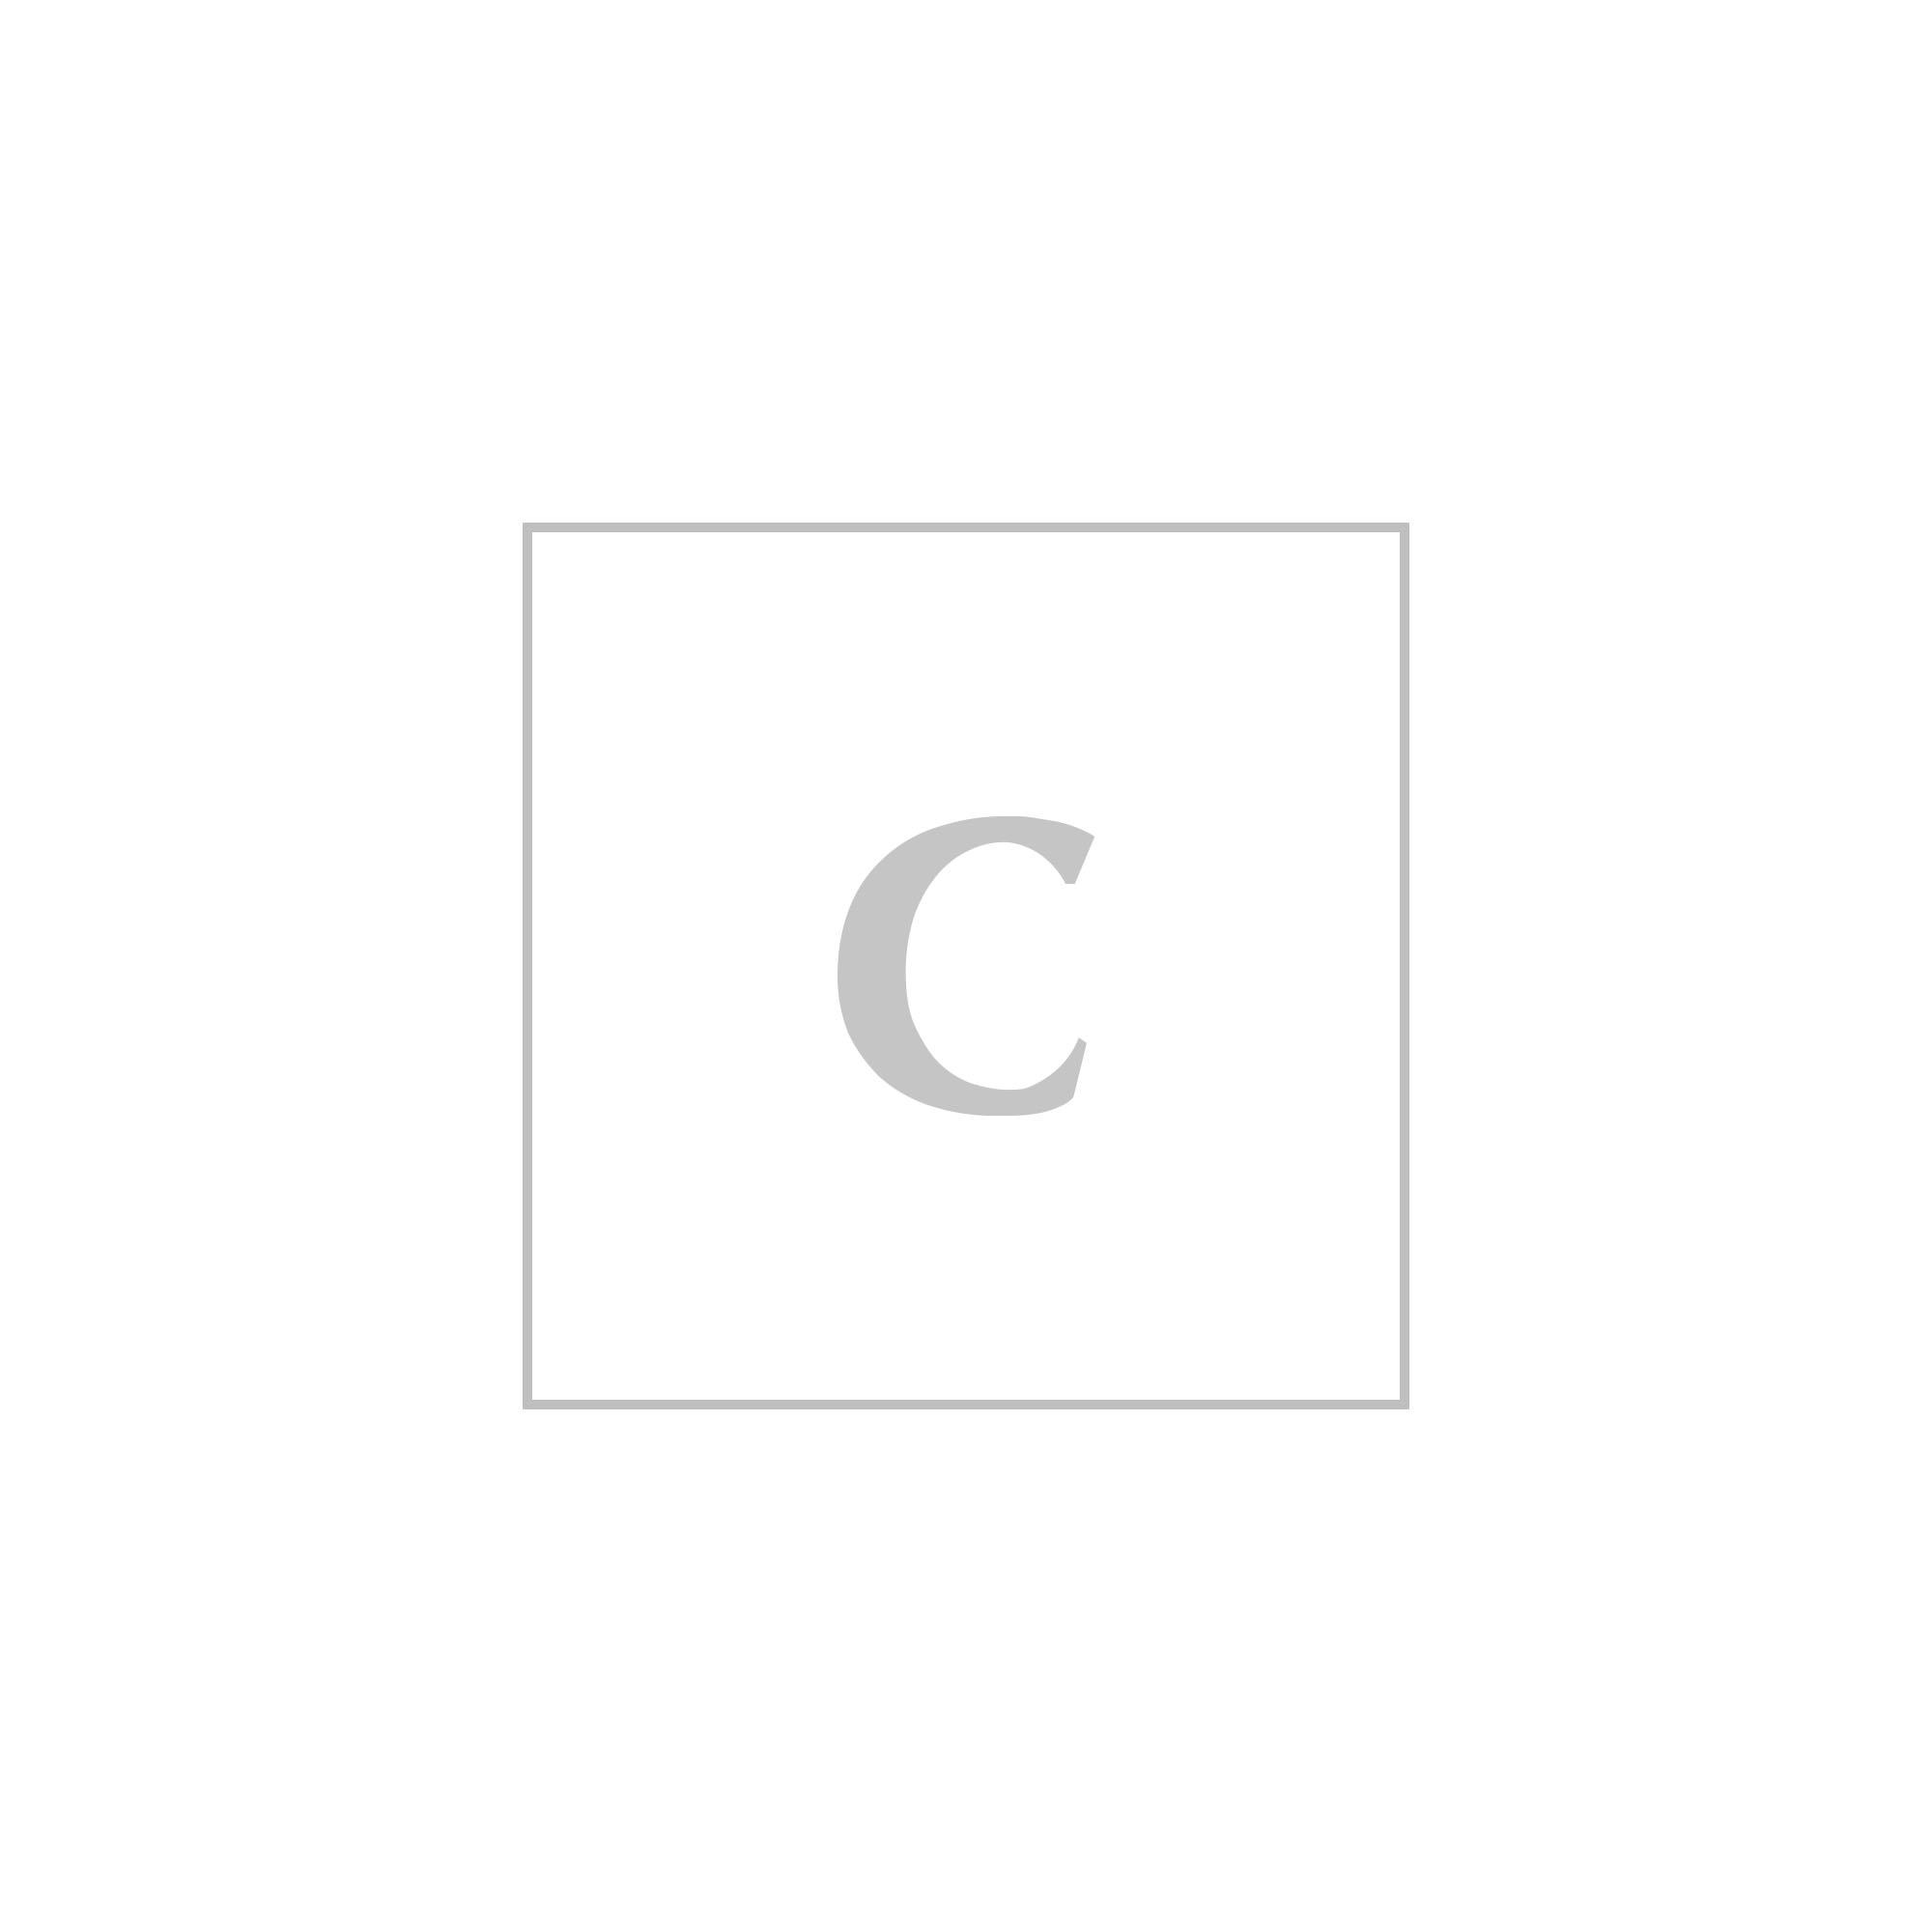 Corneliani Cappotti Coltorti Boutique Cc Collection da Uomo Blu q5ESaxU